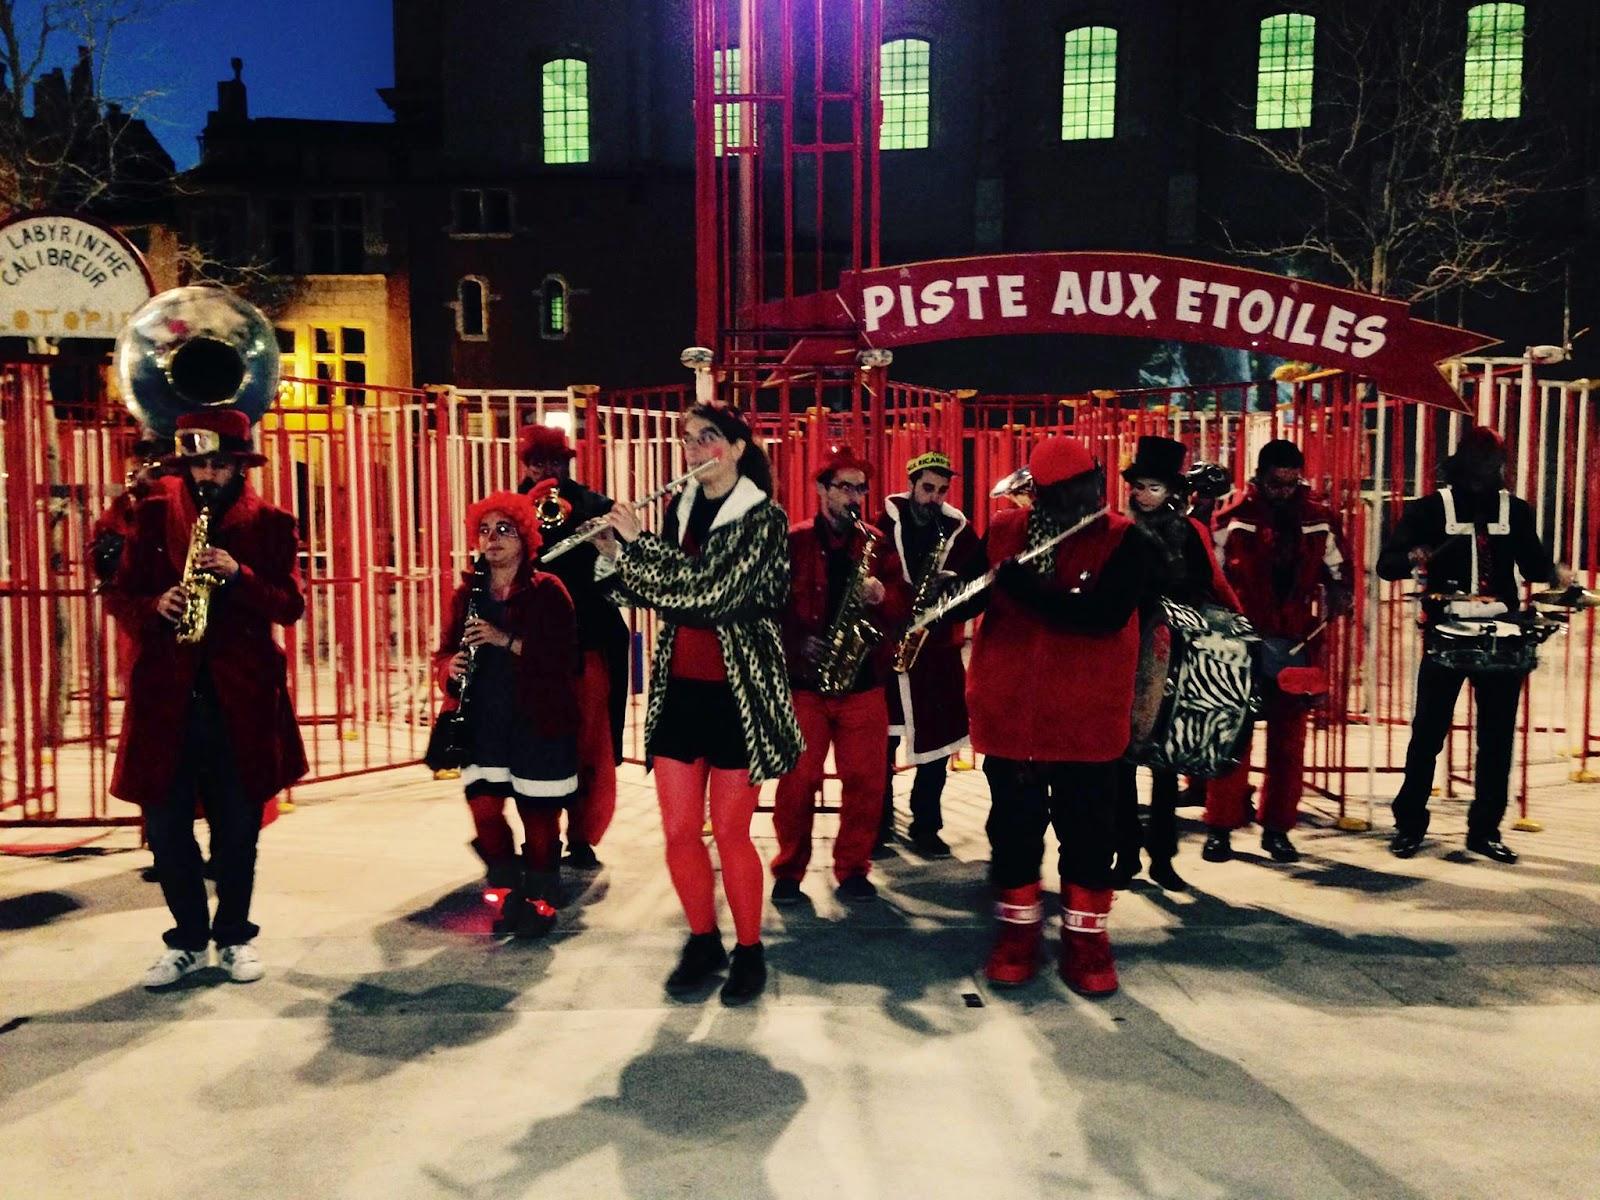 La fanfare Tahar Tag'l en concert de rue en déambulation au Carnaval de Martigues 2015 !